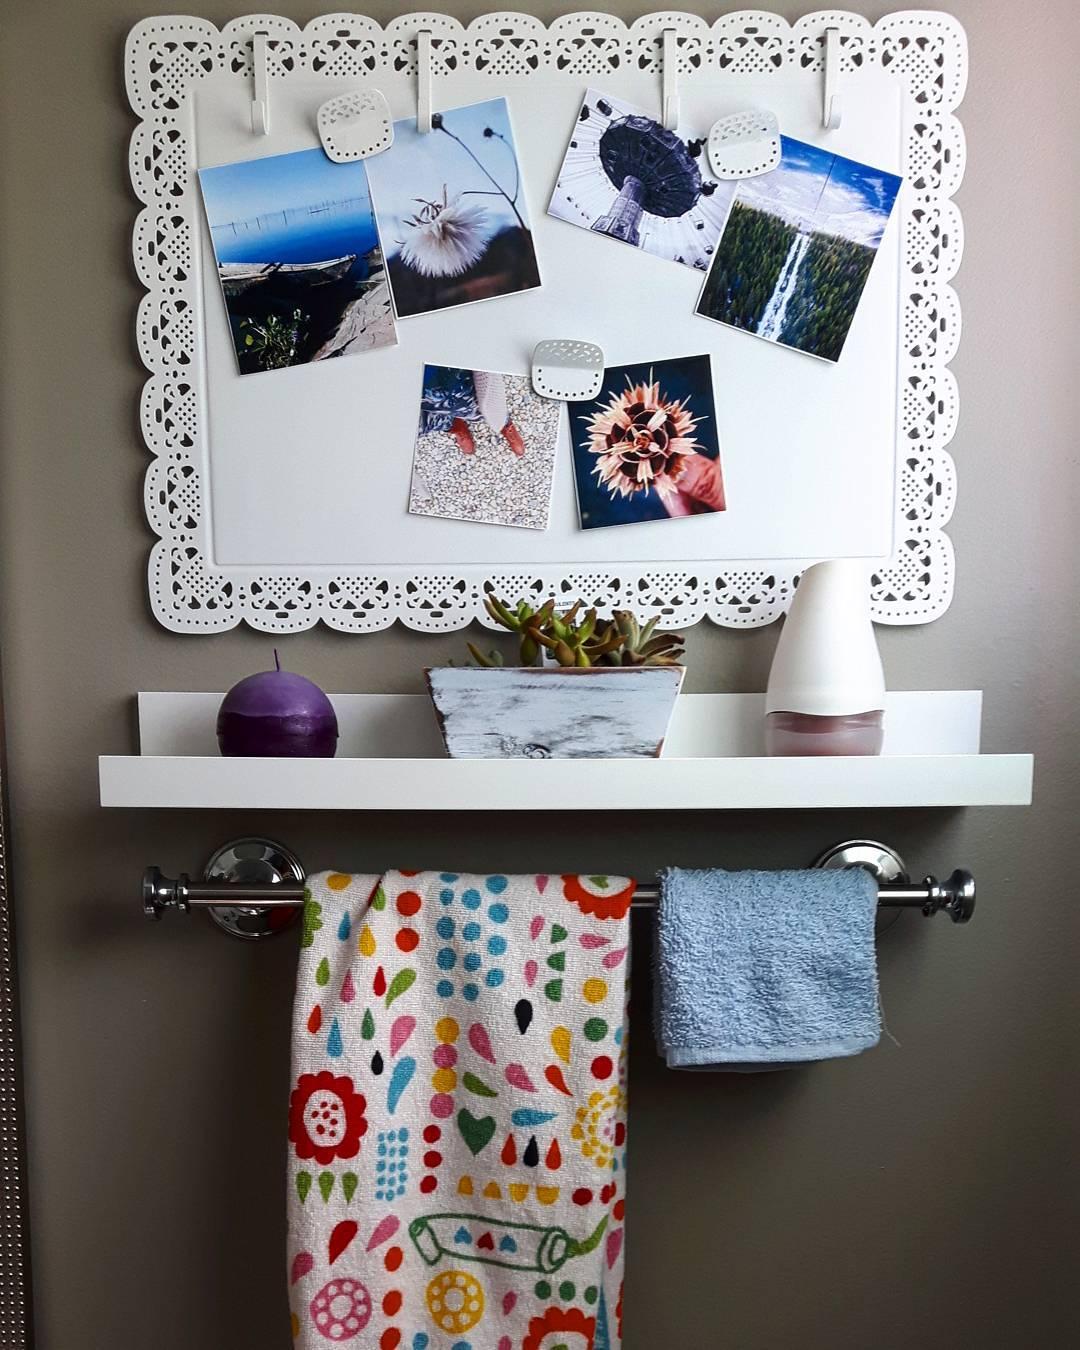 Adorable DIY Powder Room Decor Idea